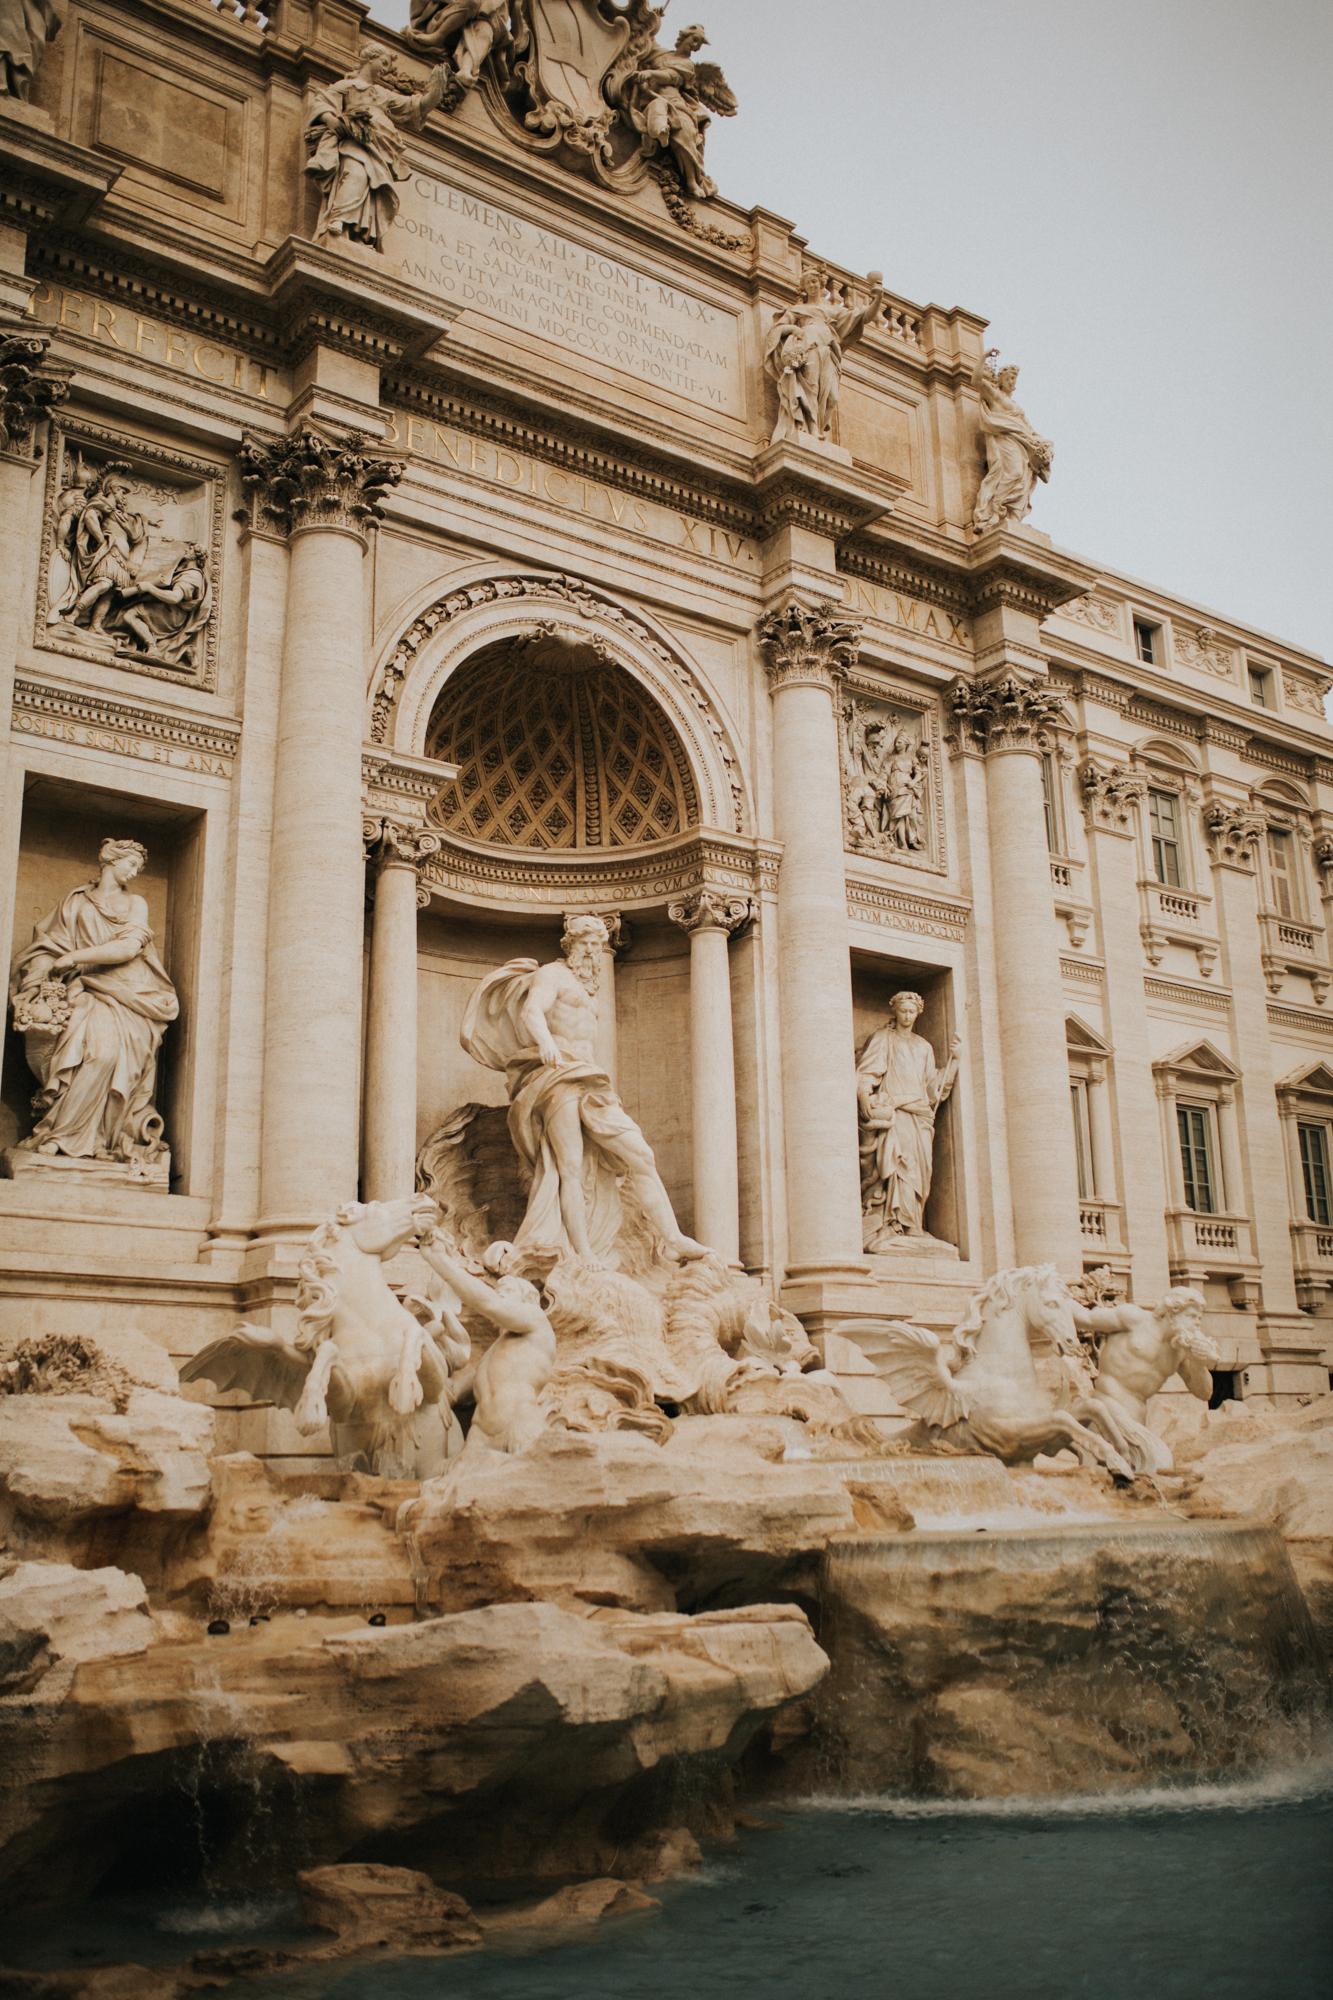 Italy - Rome Travel Photography - Trevi Fountain